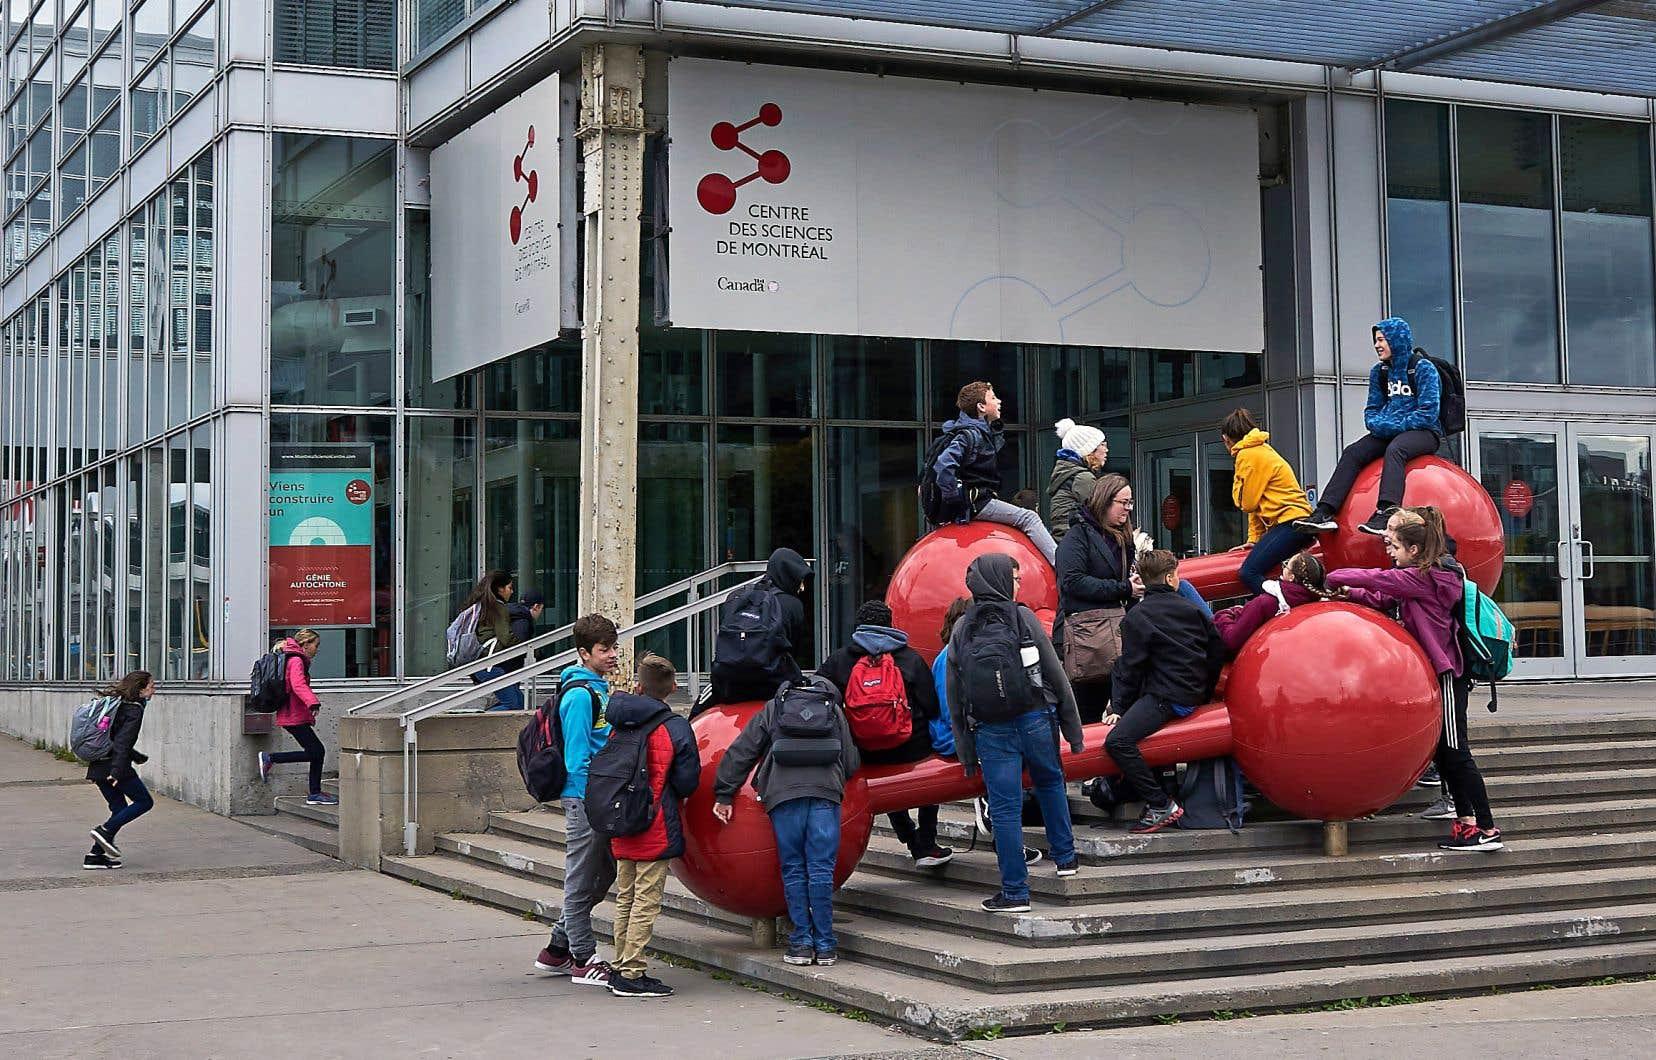 Le Centre des sciences de Montréal fait partie des 915 organismes culturels retenus par le ministère de la Culture.